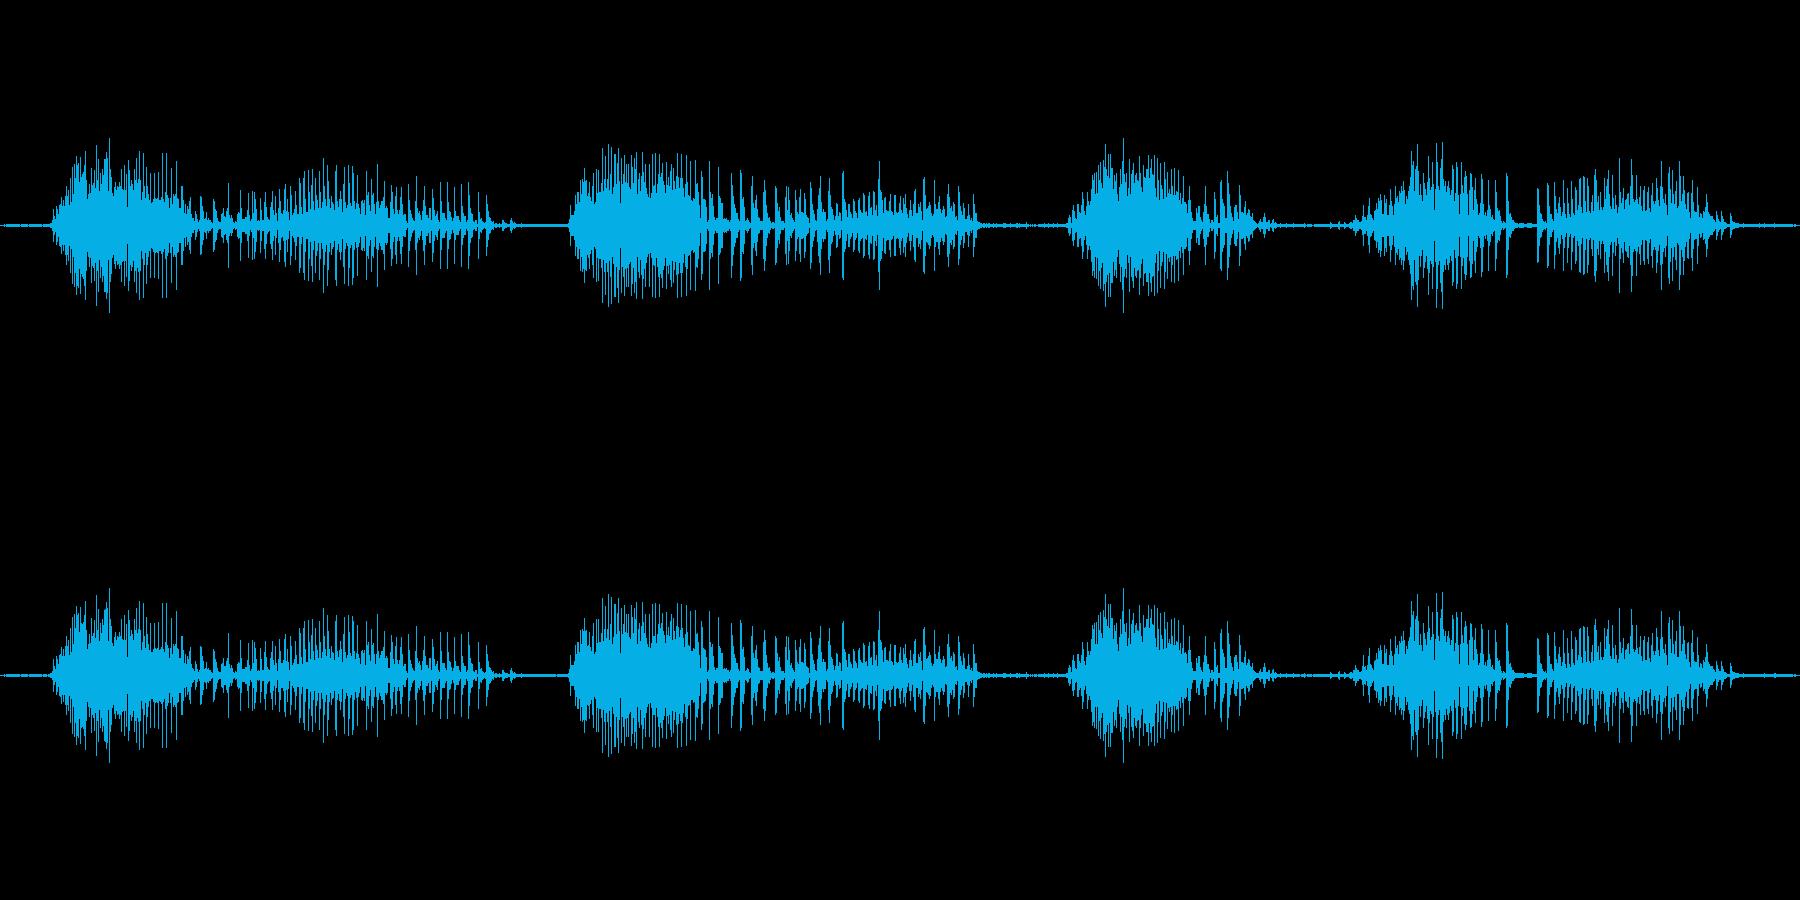 ヴーヴーヴーヴーヴーヴーの再生済みの波形